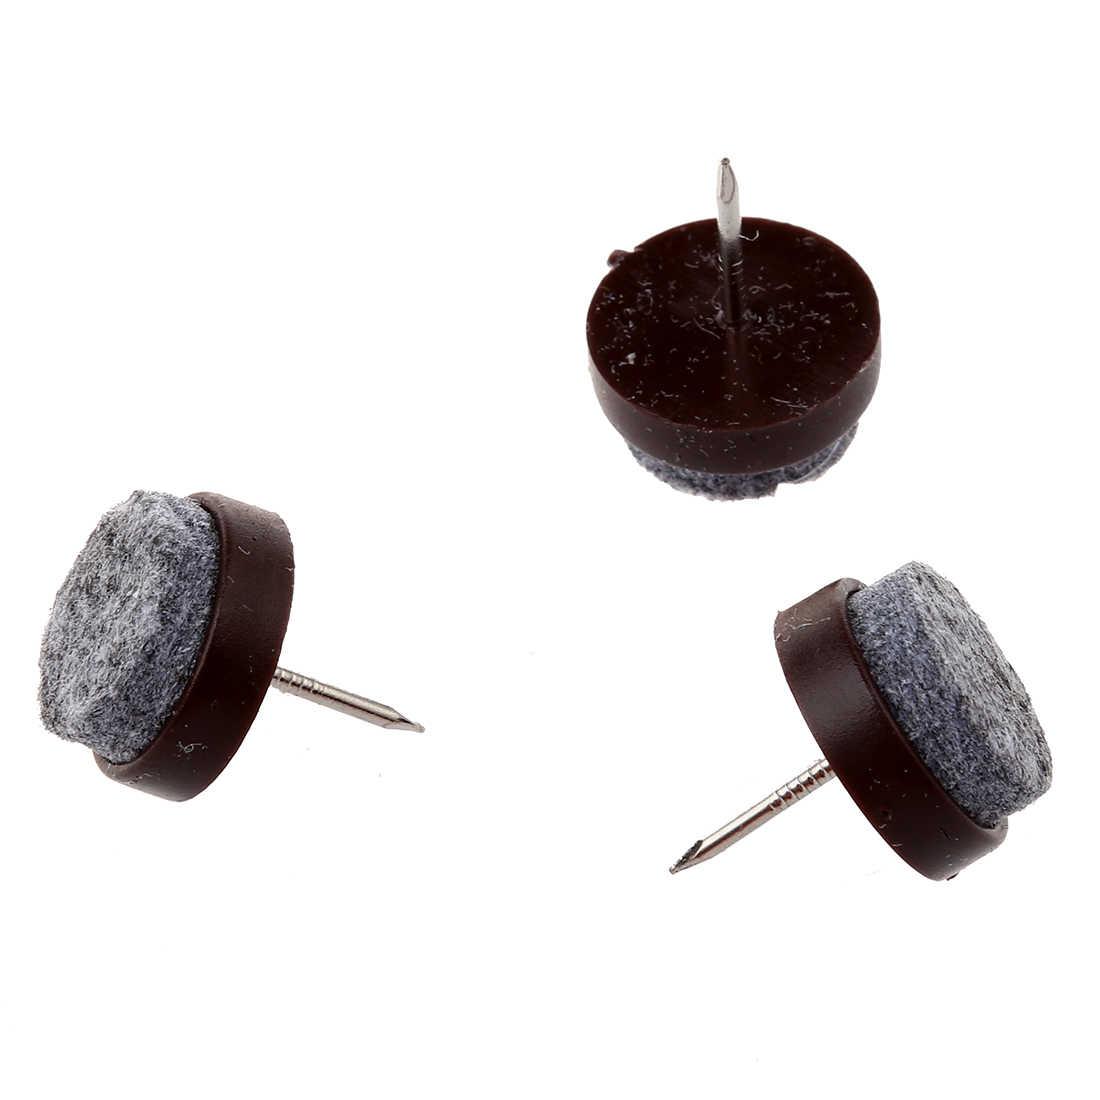 UPPERX 50 шт. стул для ног напольный Войлок накладки для скольжения DIY ногтей протекторы 20 мм Диаметр